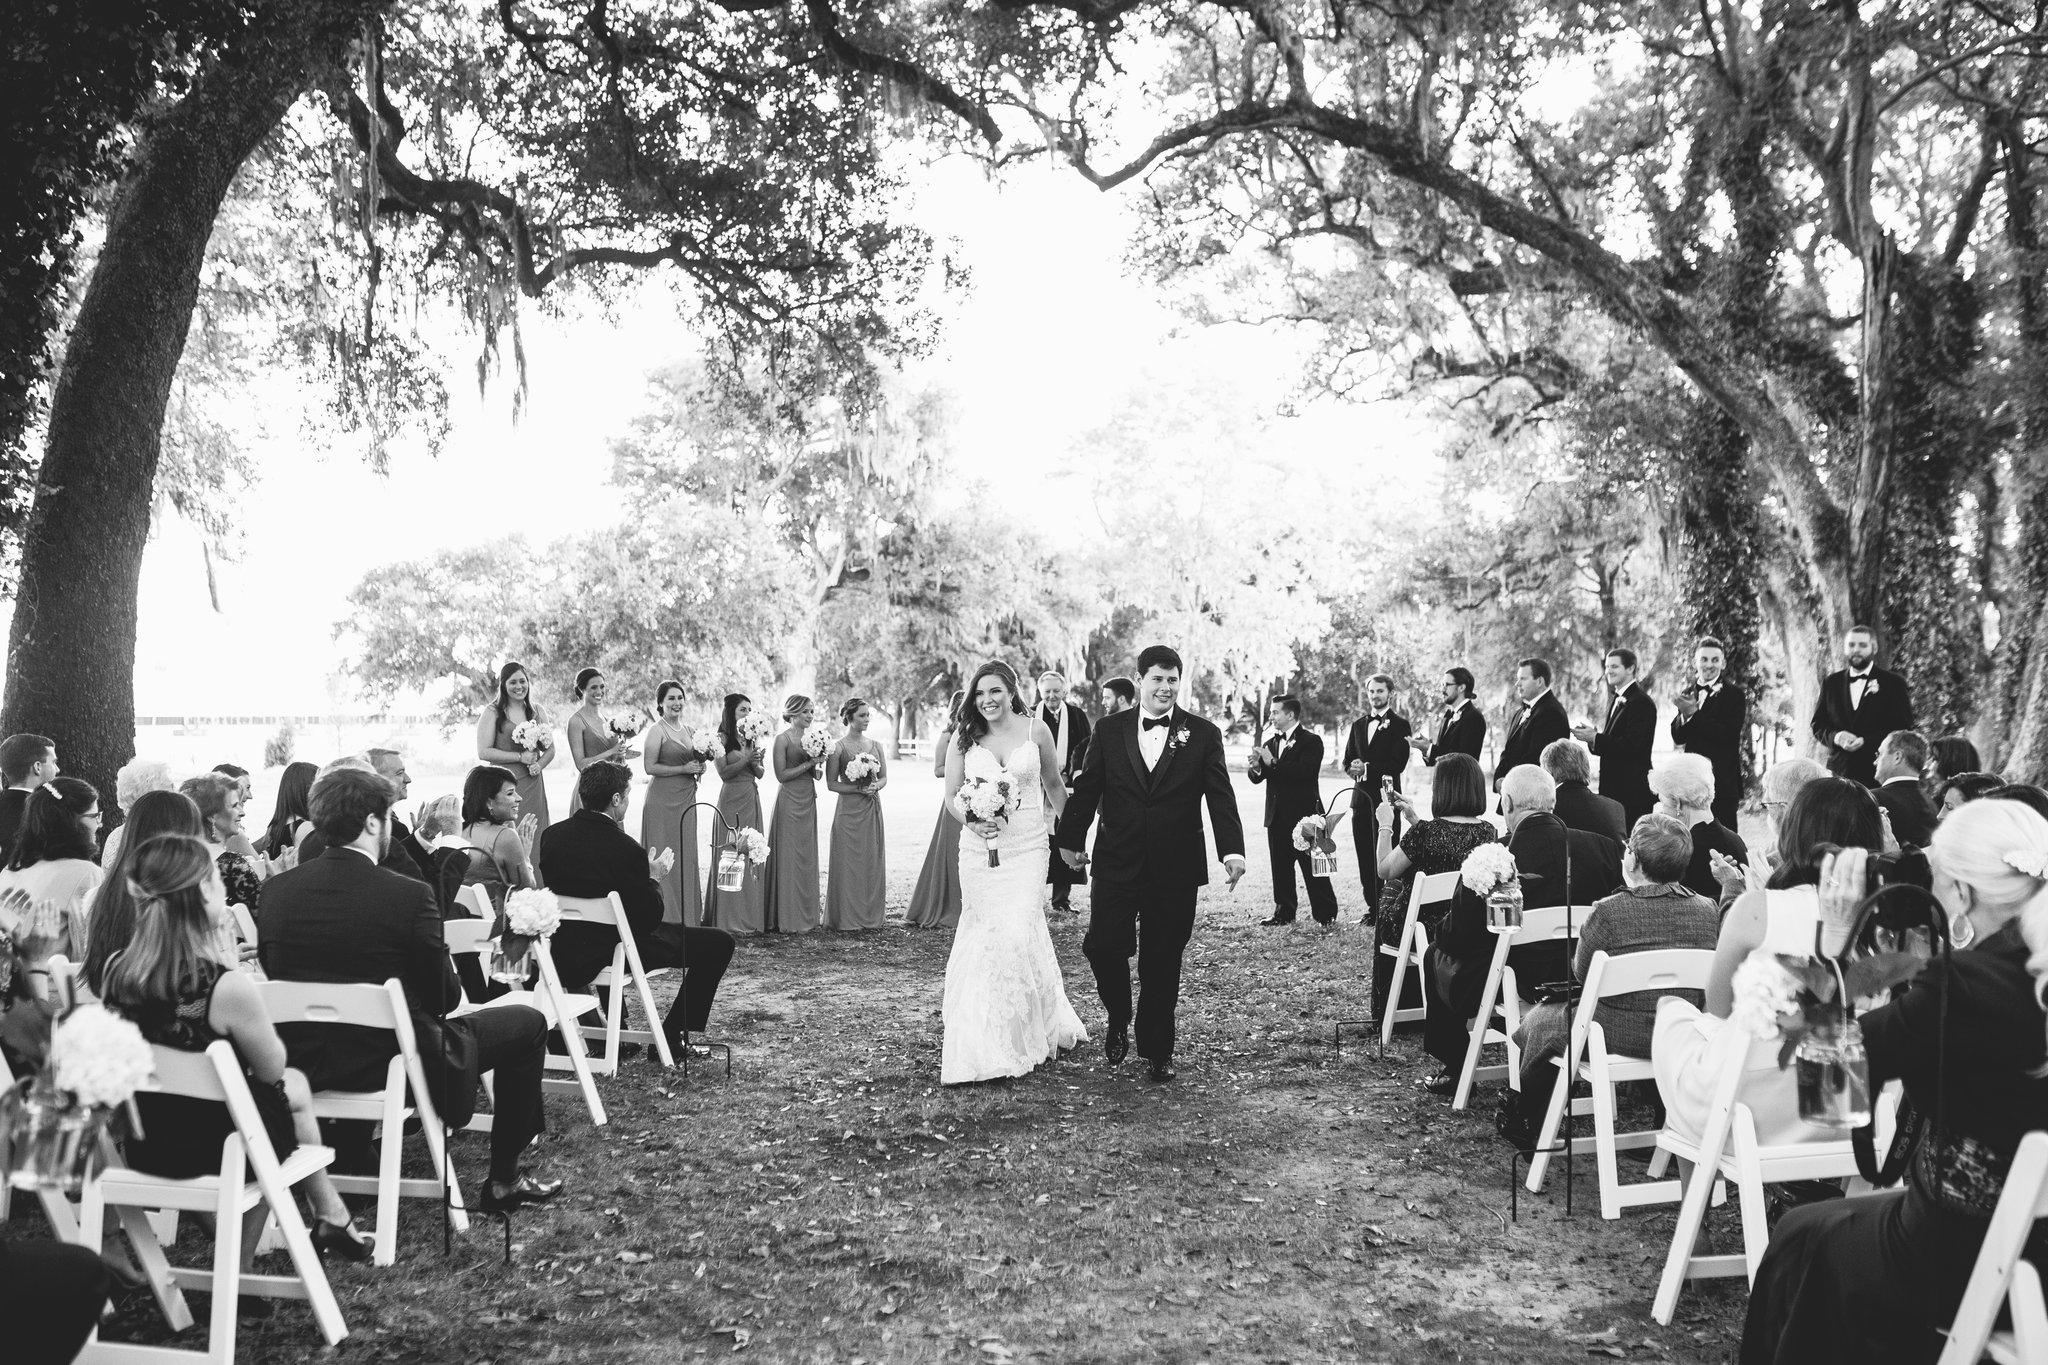 Kaitlyn_Chris_Ceremony-65.jpg